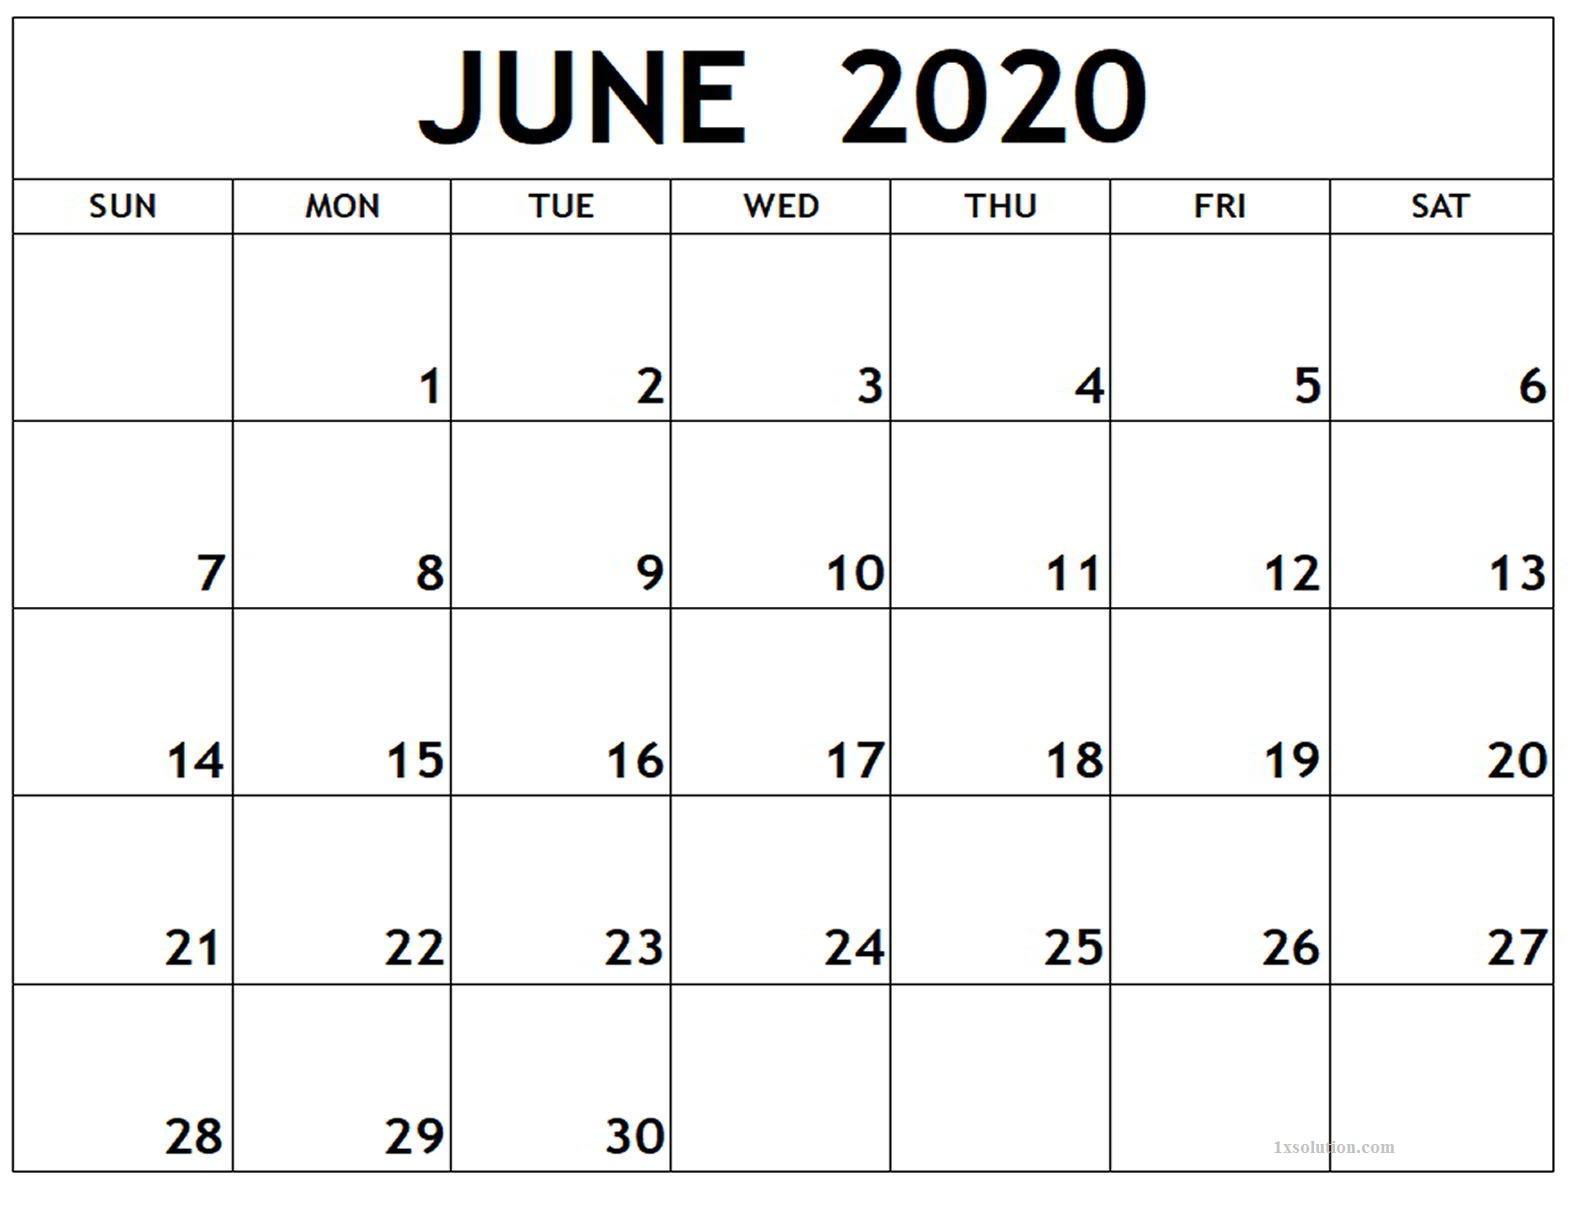 June 2020 Calendar Excel Planner